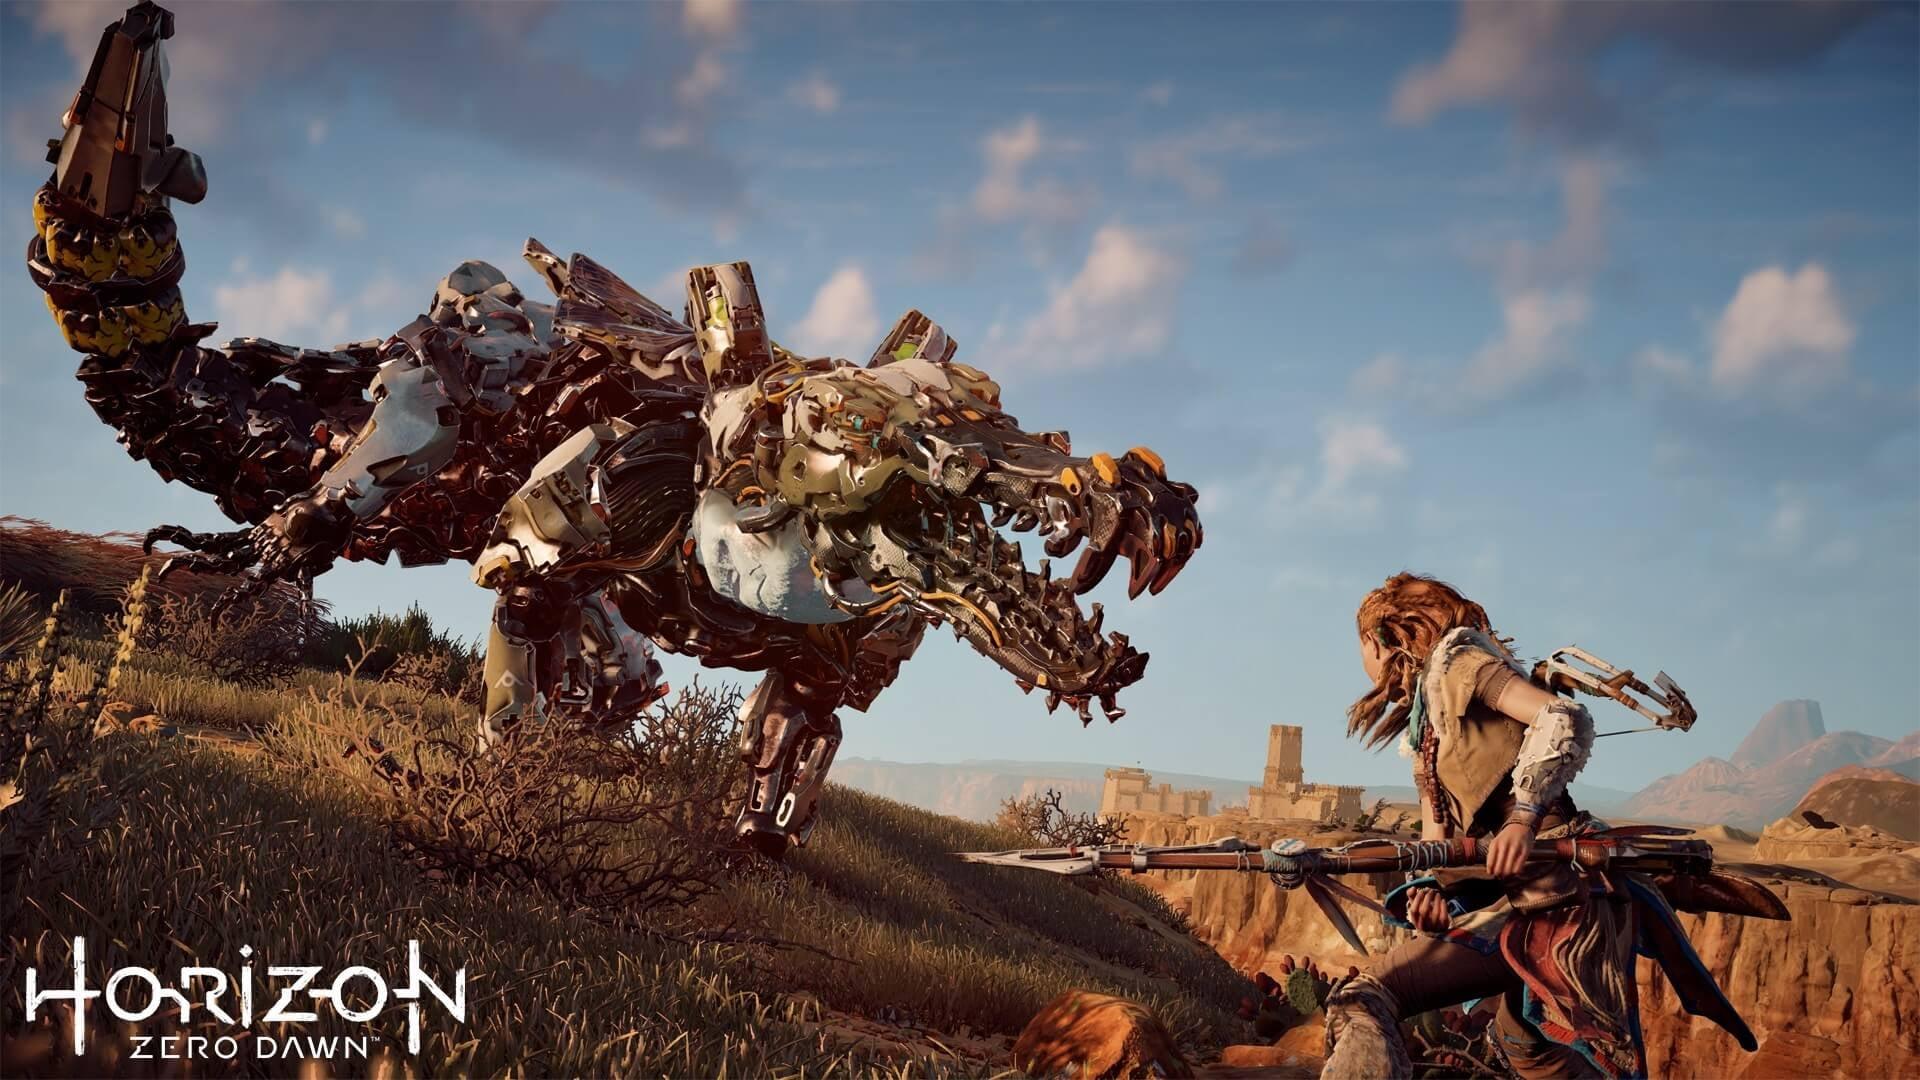 Horizon Zero Dawn Trophy List Revealed Sony Playstation 4 Reg 3 Snapmaw 1